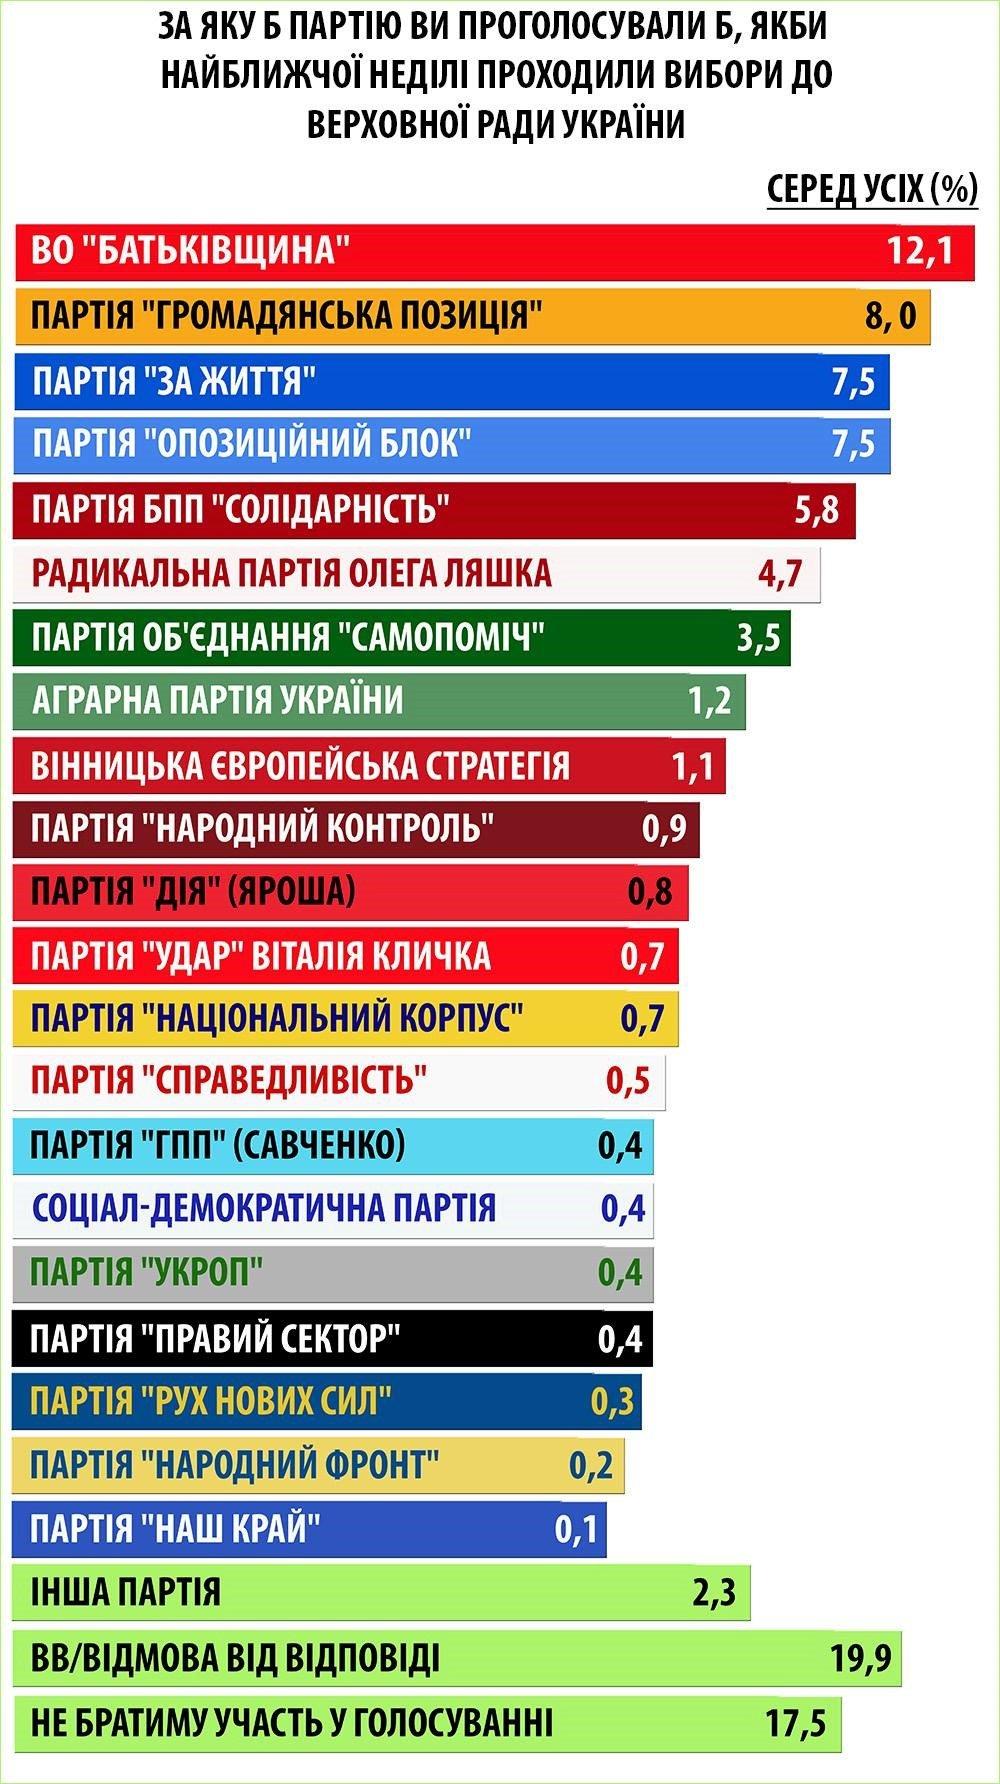 Соціологи України та Бельгії: невизначені на виборах віддадуть голоси партіями Рабиновича та Гриценко, фото-1